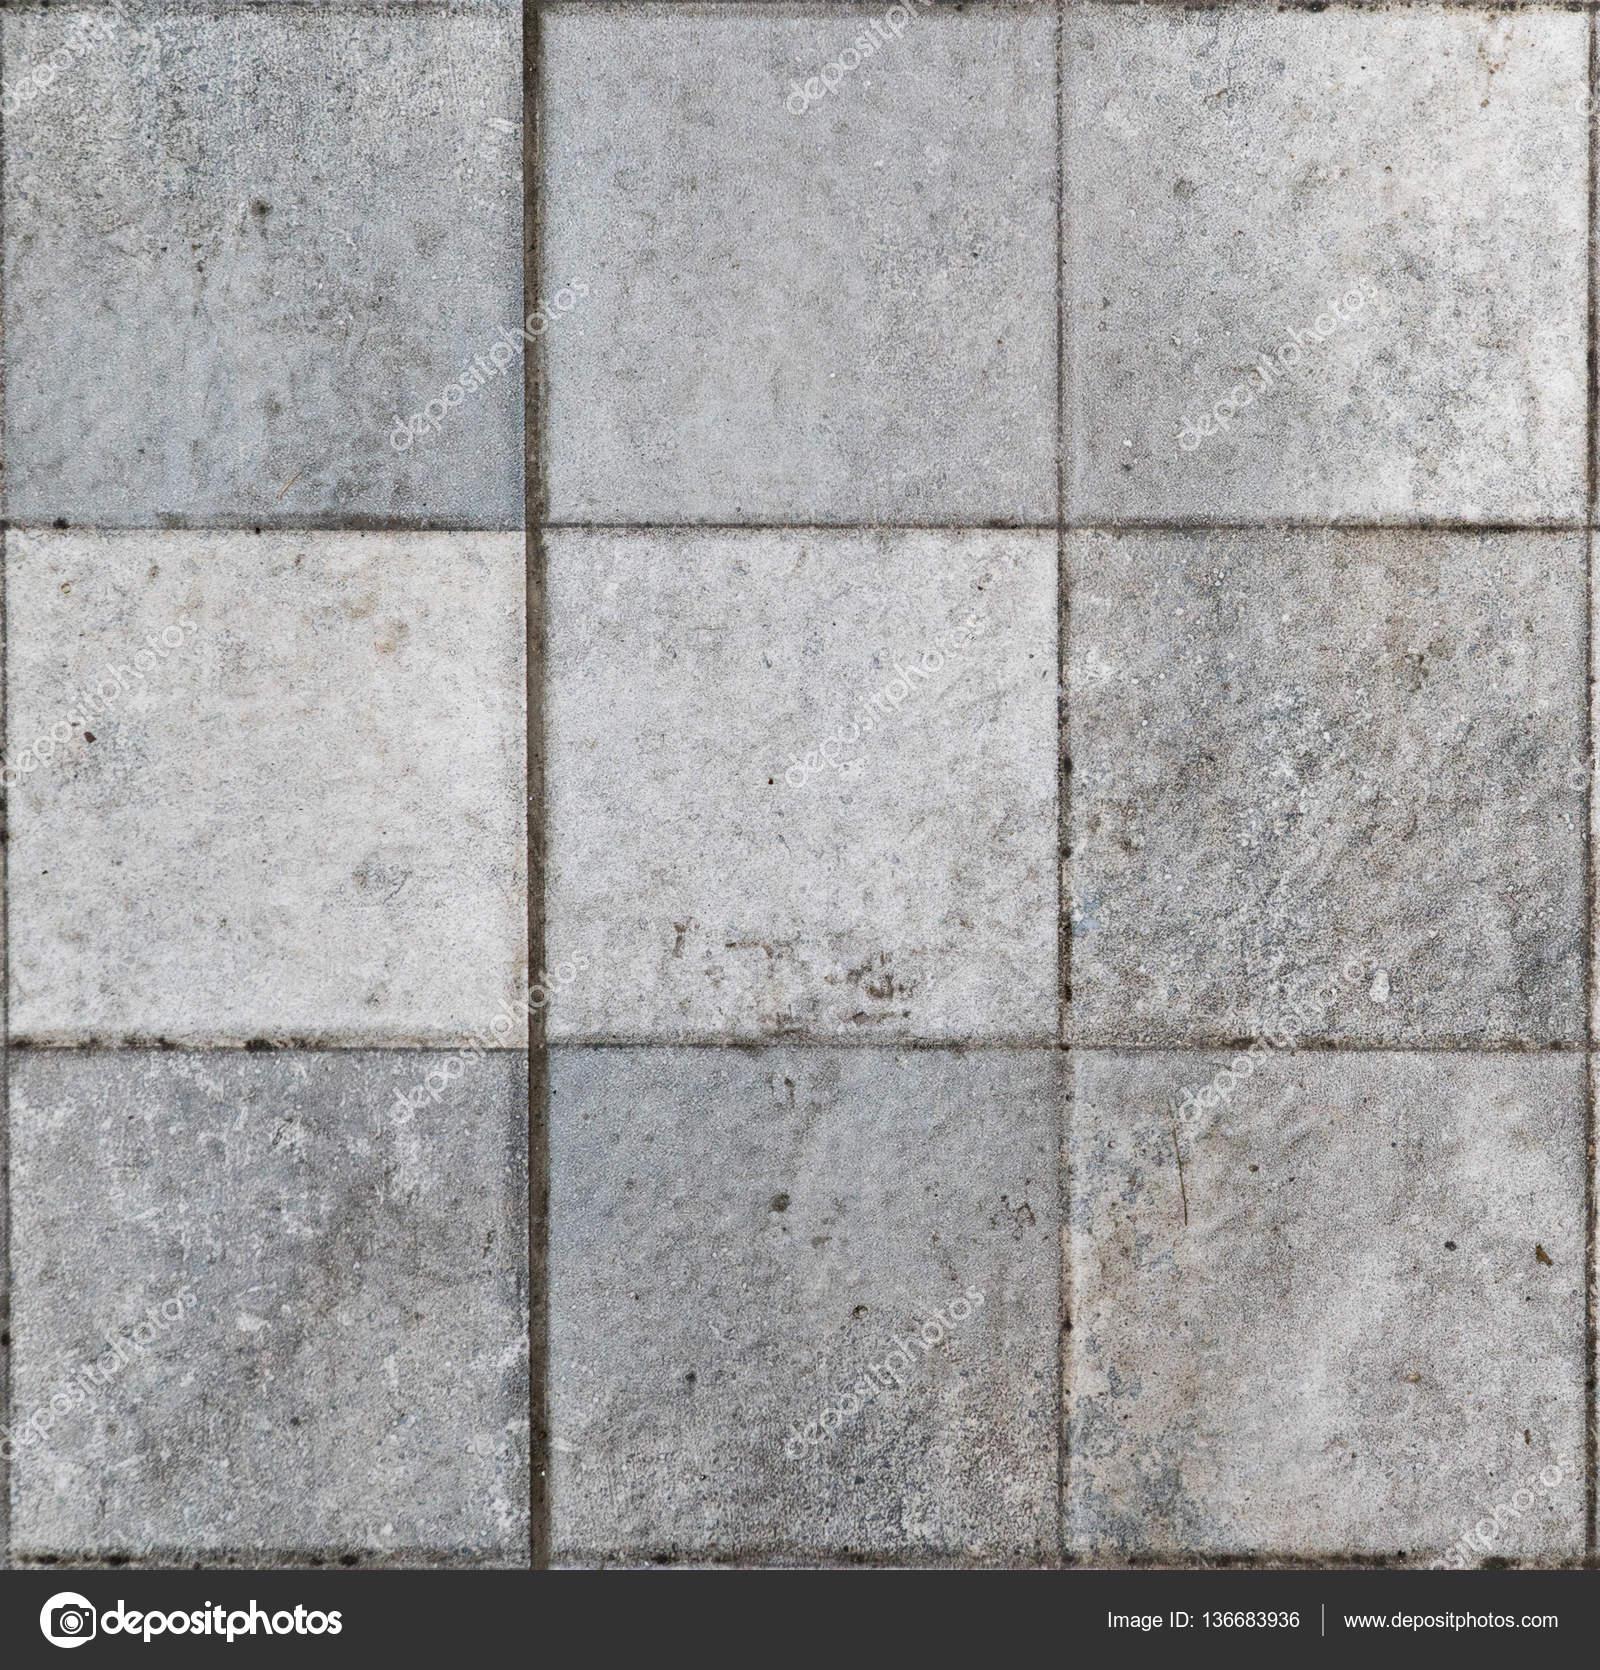 Im genes textura baldosa de cemento textura de baldosas de concreto cemento superficie gris - Baldosas de cemento ...